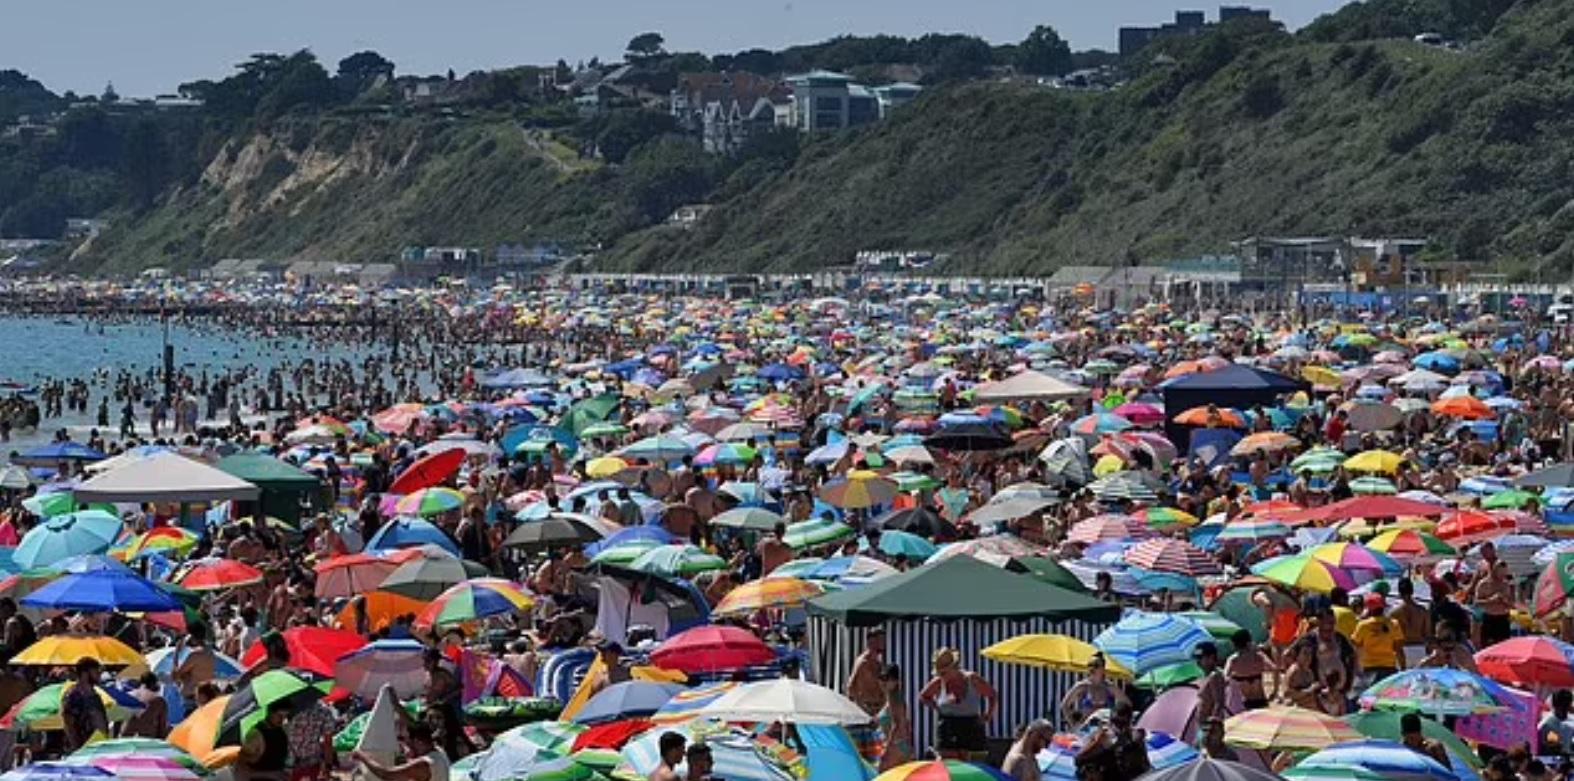 На пляже в Великобритании мужчина изнасиловал школьницу на глазах у тысяч отдыхающих (ФОТО) - фото 2